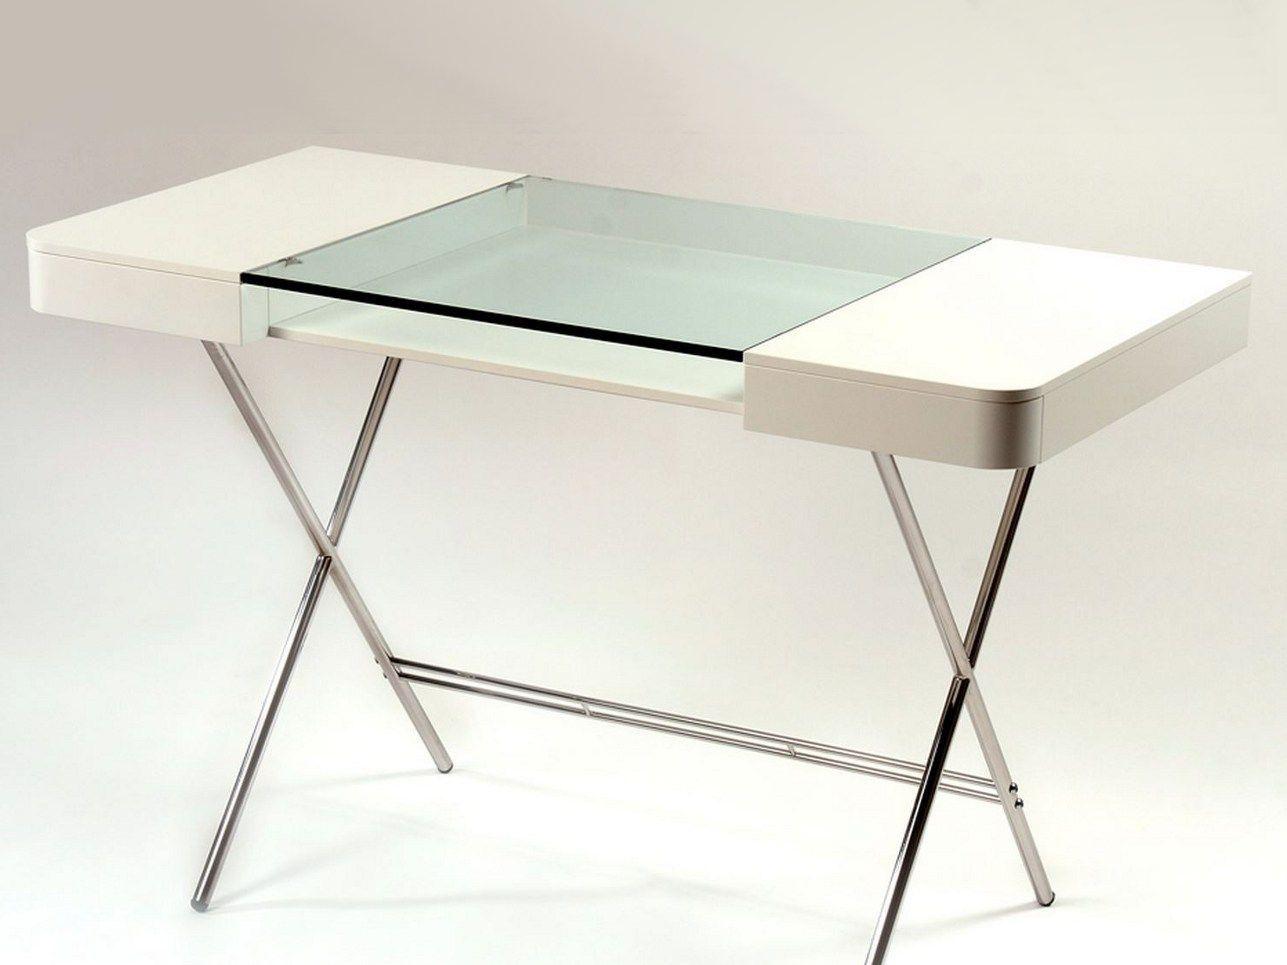 schreibtisch aus mdf und glas mit schubladen cosimo laqu blanc mat kollektion cosimo by adentro. Black Bedroom Furniture Sets. Home Design Ideas